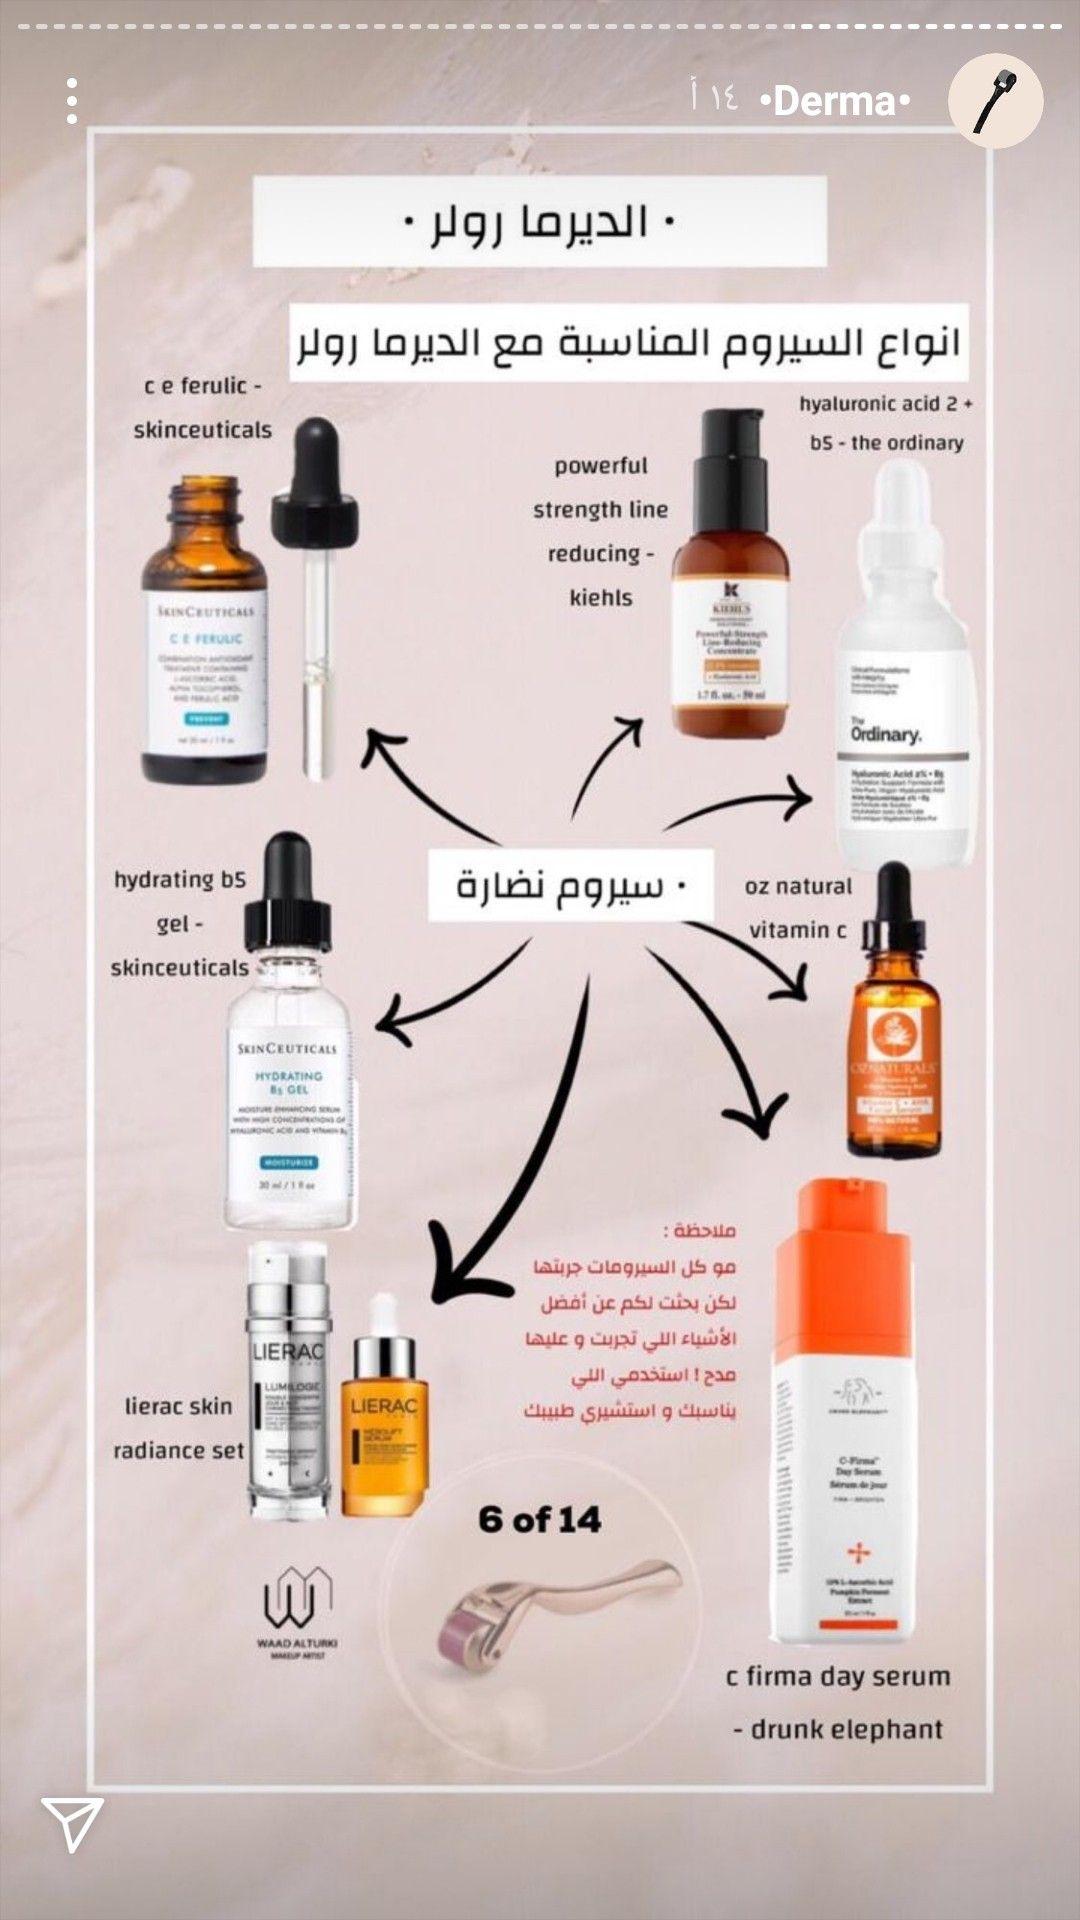 افضل انواع سيروم النضاره المناسبه مع الديرما رولر Maskcara Makeup Skin Care Women Ferulic